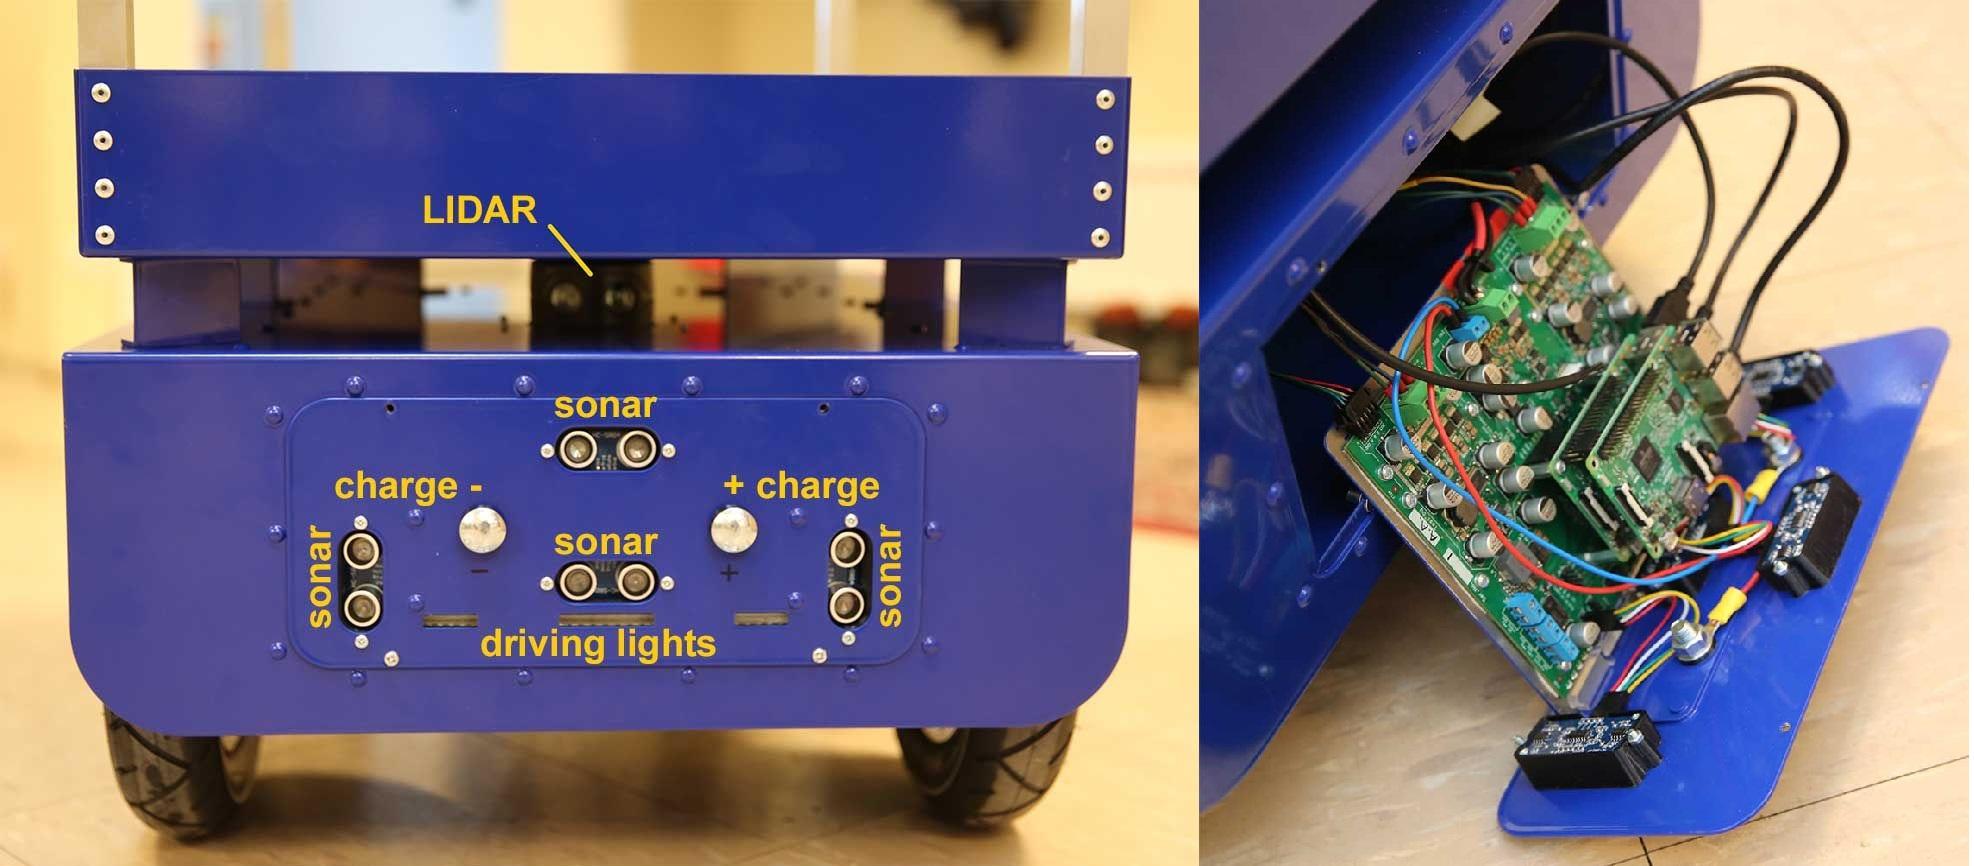 Pulurobots Sonar Sensors and Controller Board